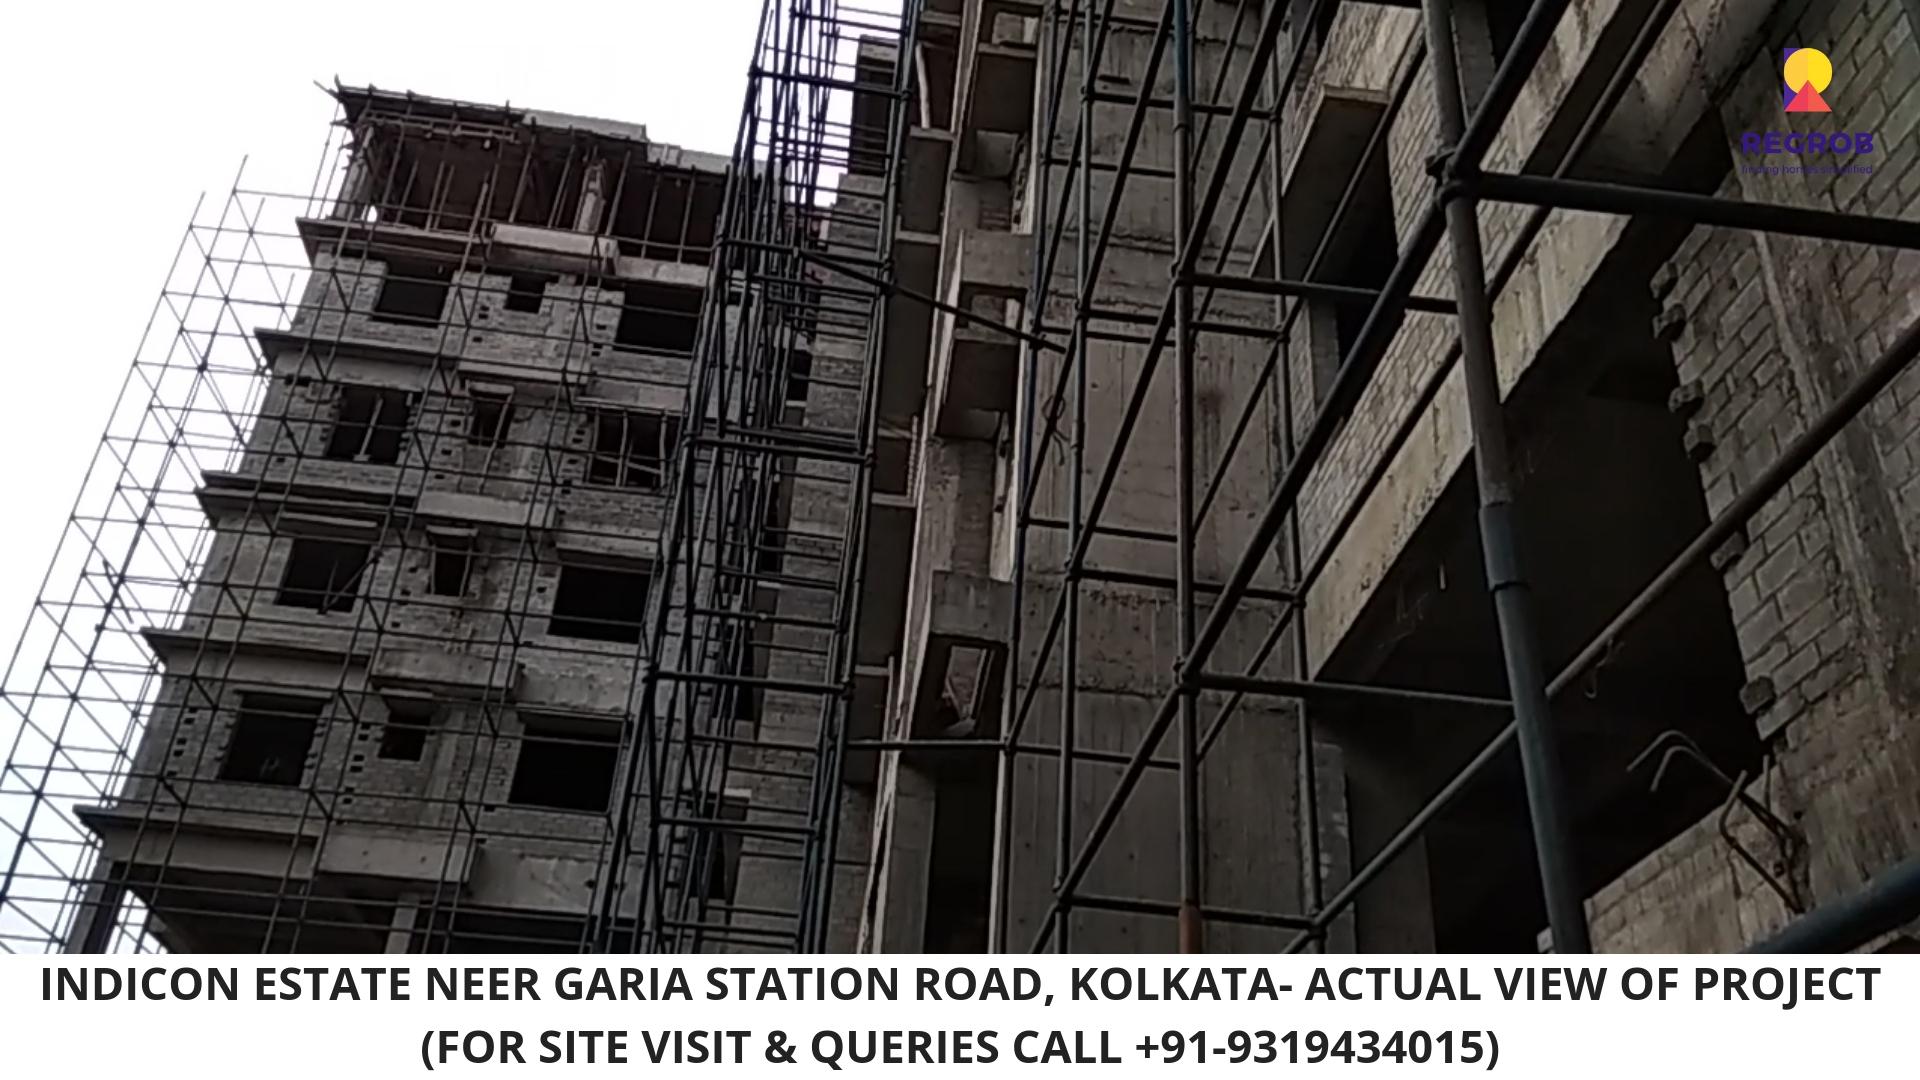 Indicon Estate Neer Garia Kolkata